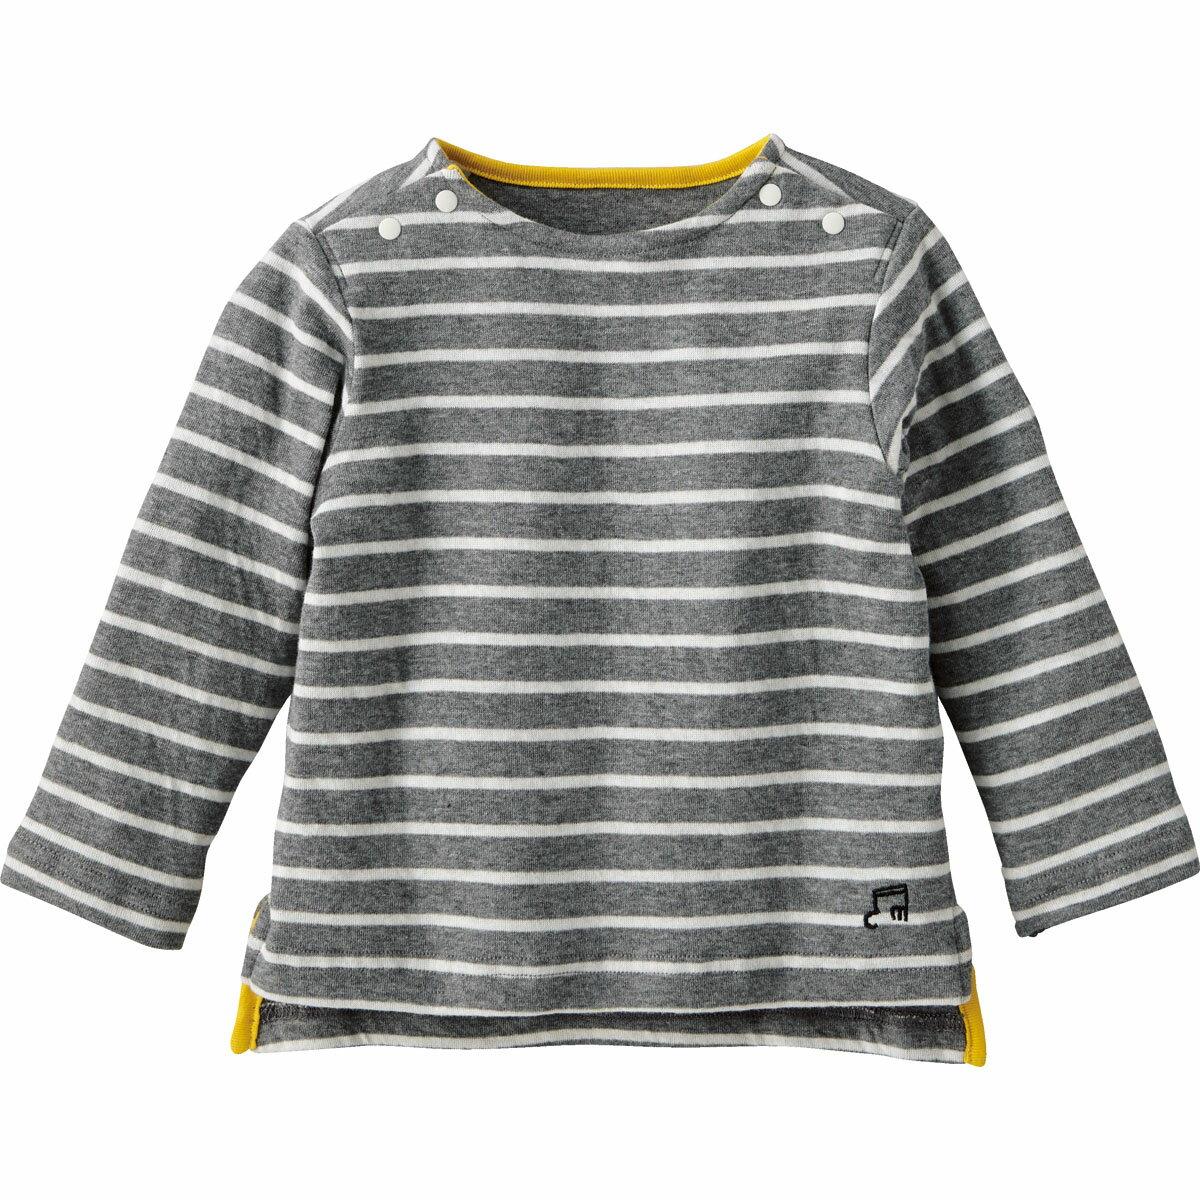 【40%OFF】やわらかTシャツ(ボーダー){男の子 女の子}《コンビミニ》ギフト ベビー服 子供服 Combi miniやわらかTシャツ(ボーダー)